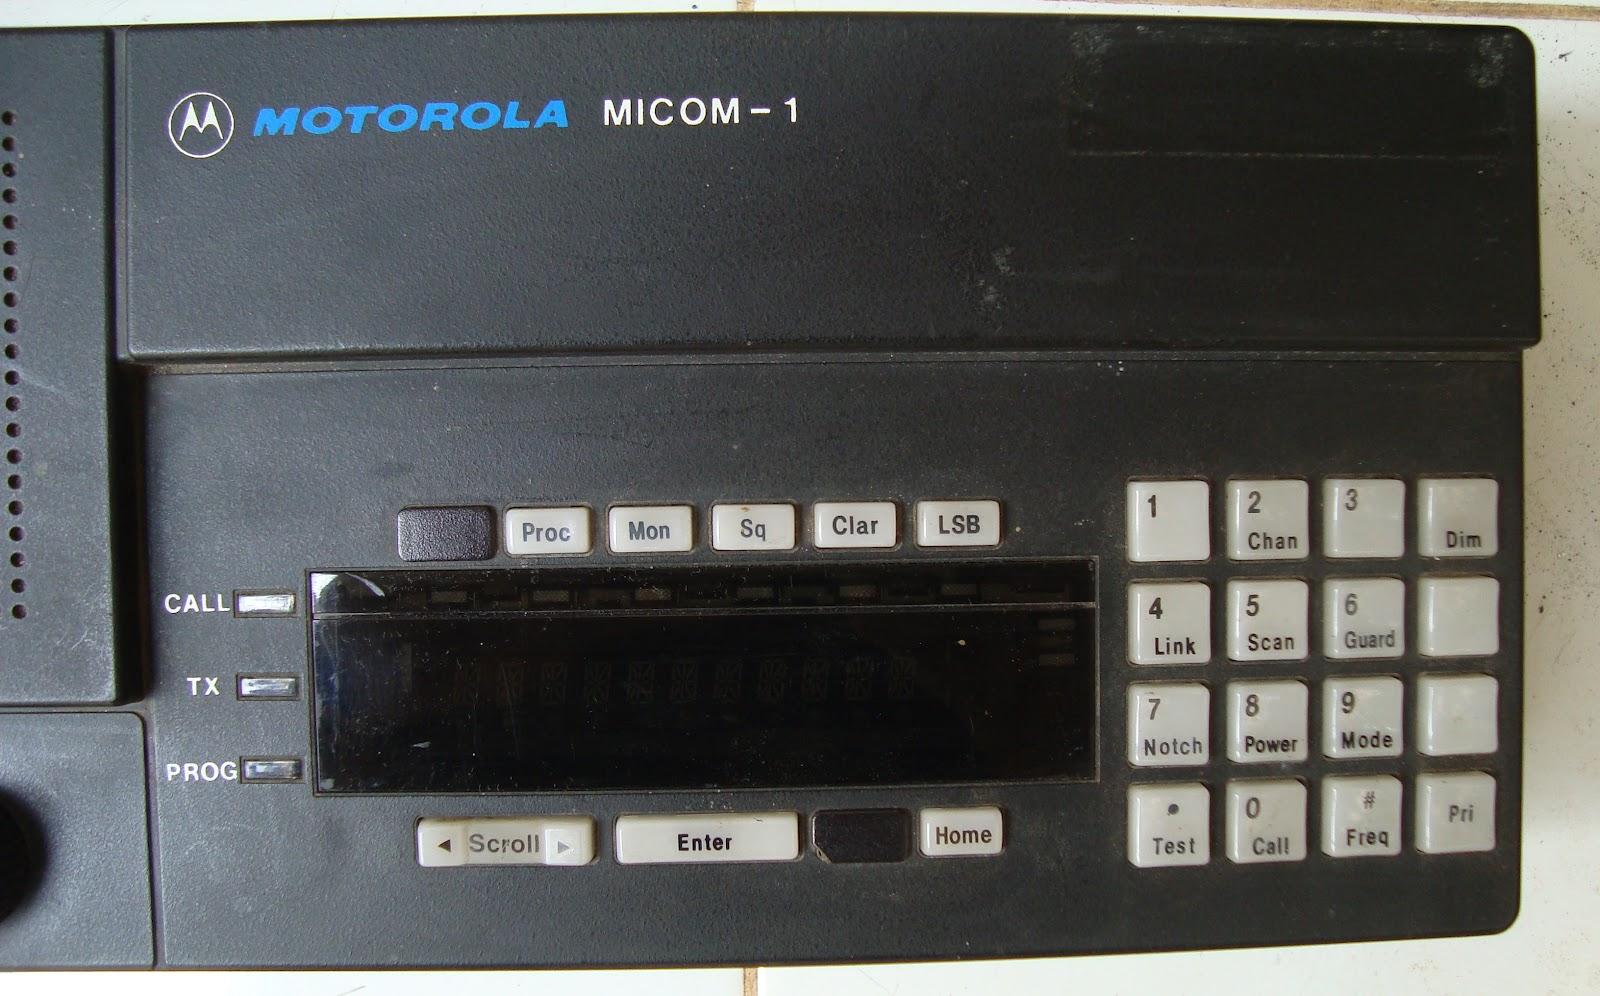 Motorola micom 2 manual